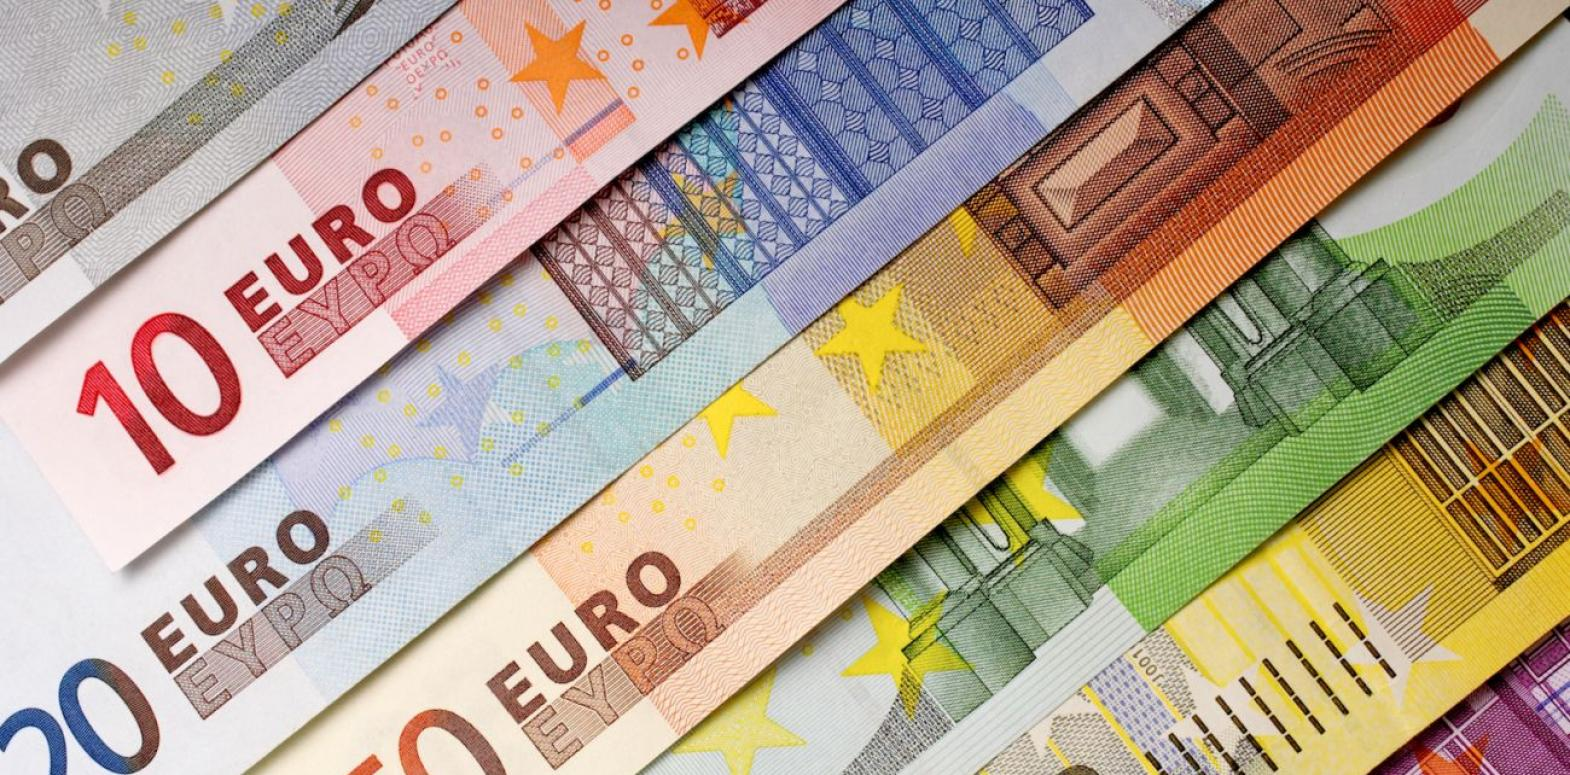 Курс евро поднялся выше 34 гривен впервые за три года